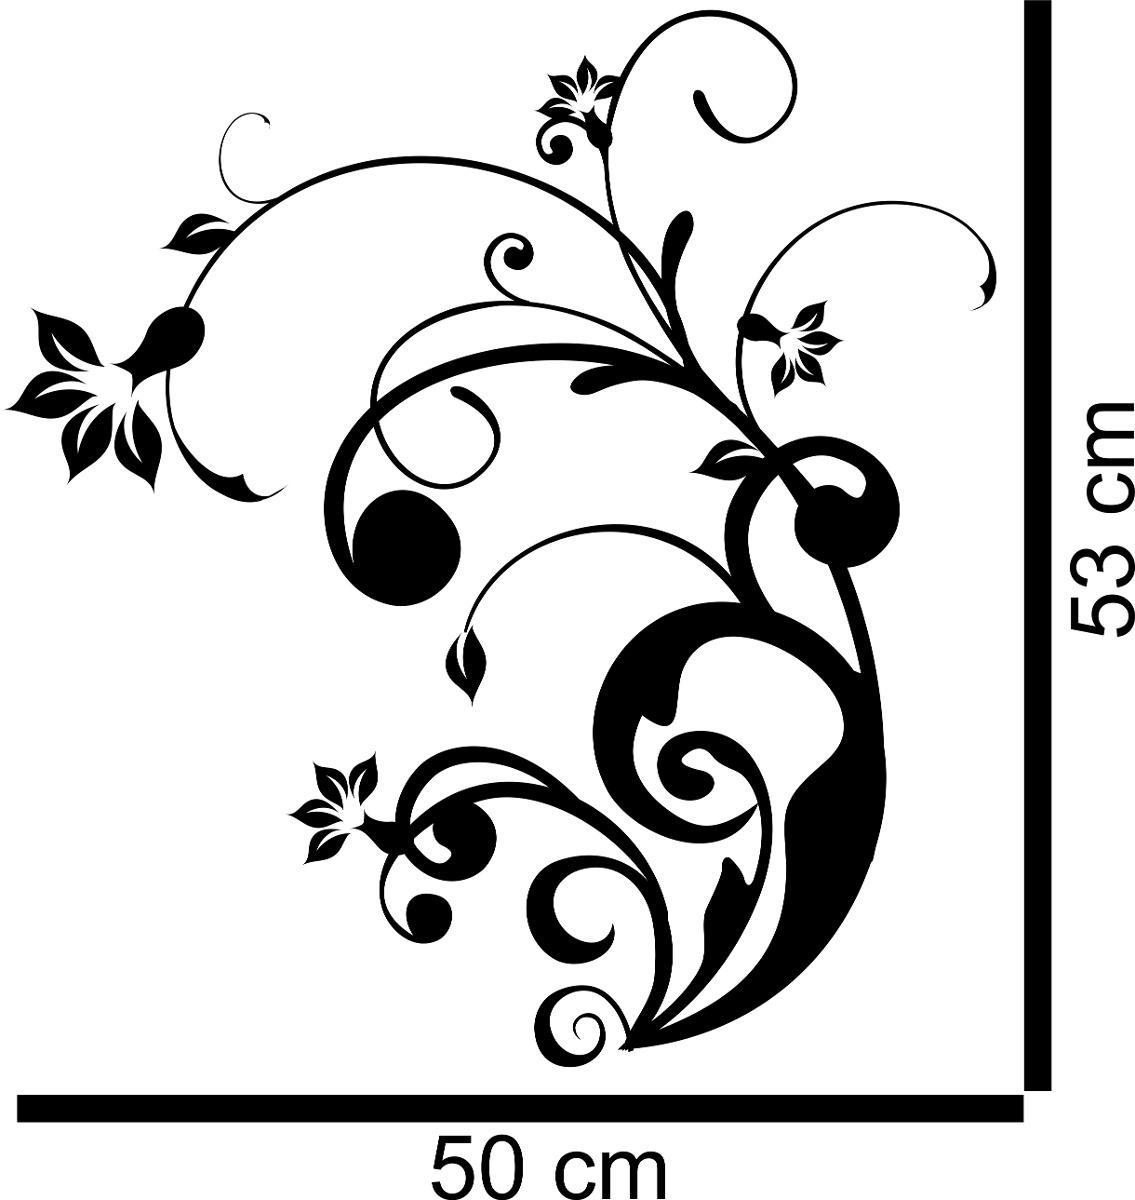 Aparador Verde Envejecido ~ Adesivo Decorativo Parede Floral Flor Borboleta Folha Galho R$ 22,99 em Mercado Livre